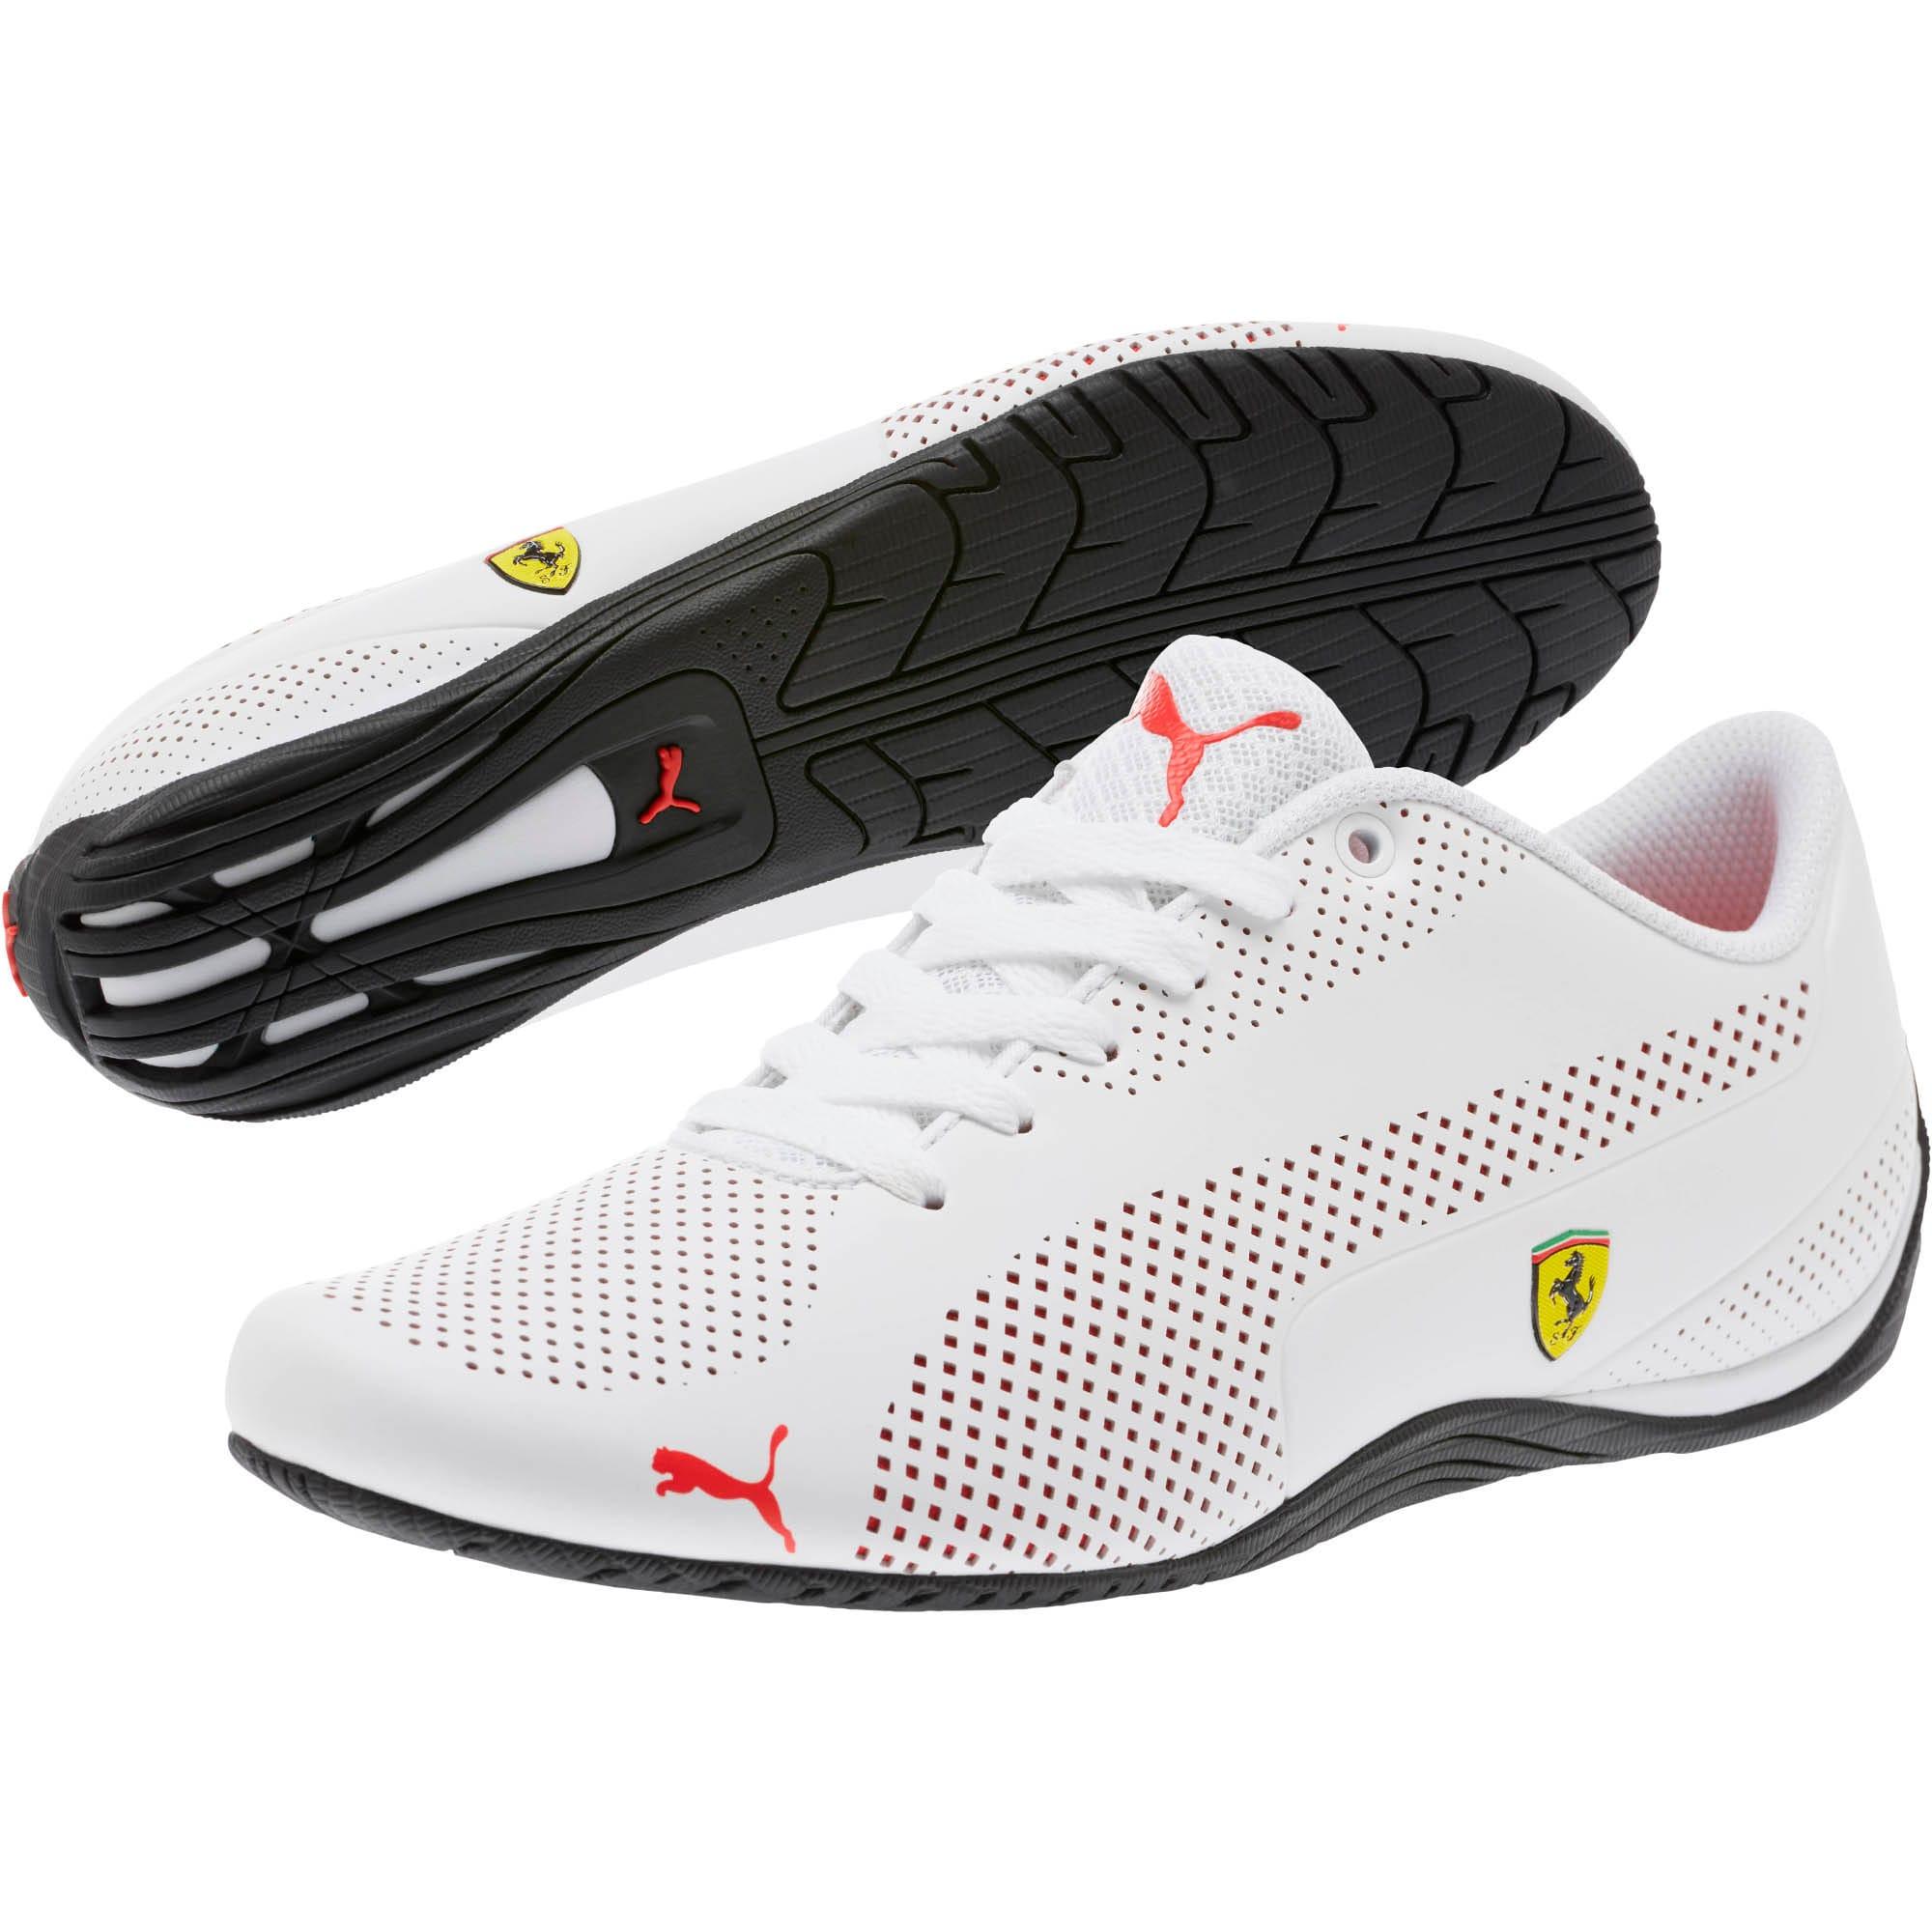 Miniatura 2 de Zapatos Scuderia Ferrari Drift Cat 5 Ultra, Puma White-Rosso Corsa-Black, mediano